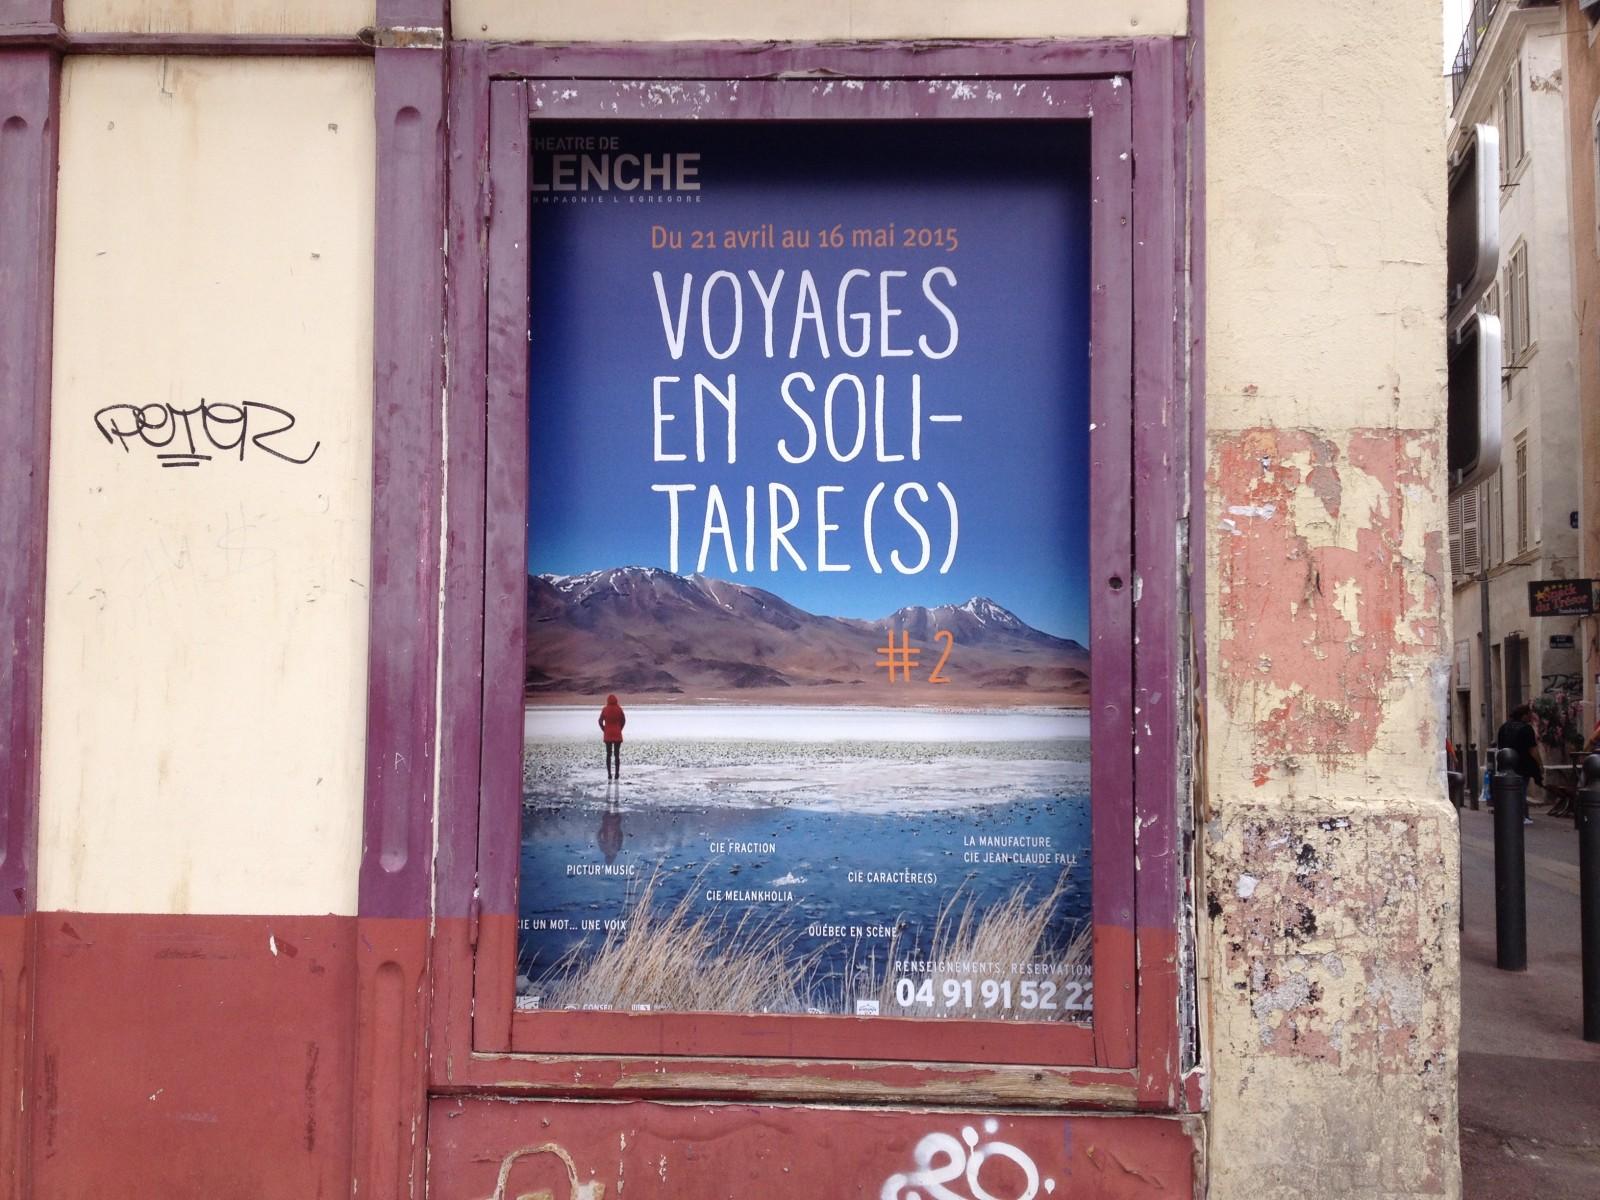 Affiche du festival Voyages en Solitaire(s) jusqu'au 16 mai au Théâtre de Lenche ©MD